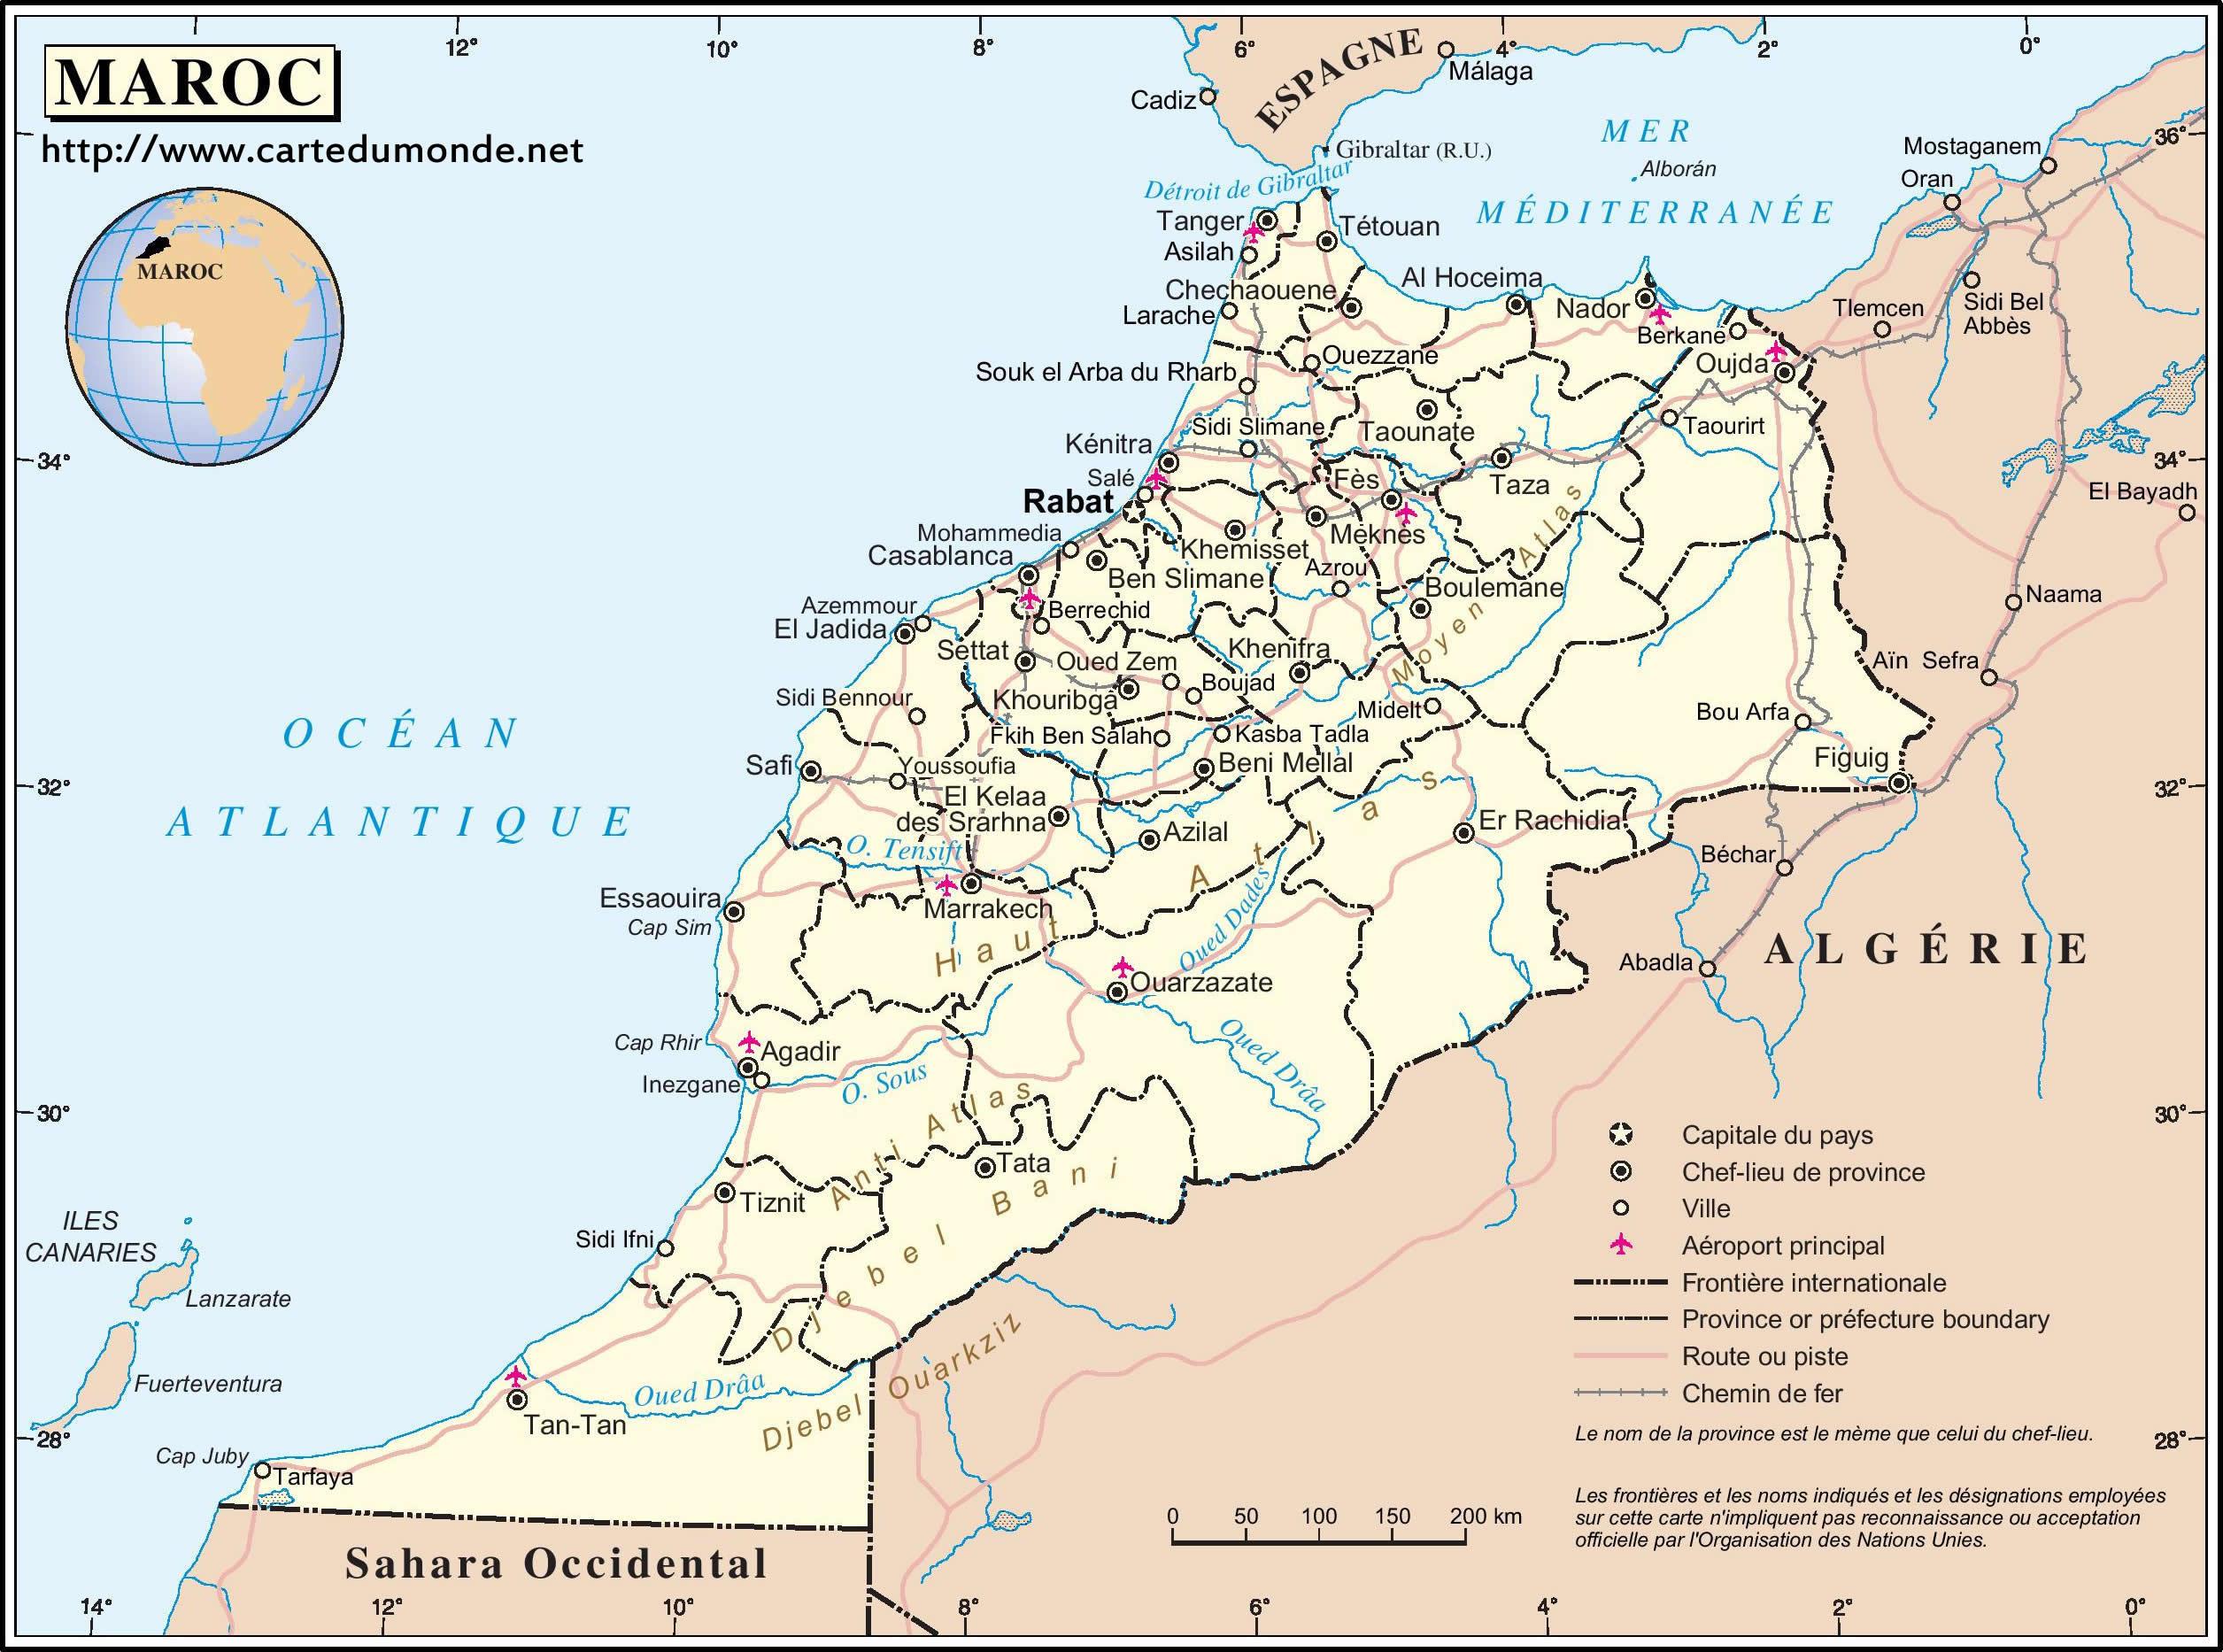 MARRUECOS MAPA | Dictionary Bank